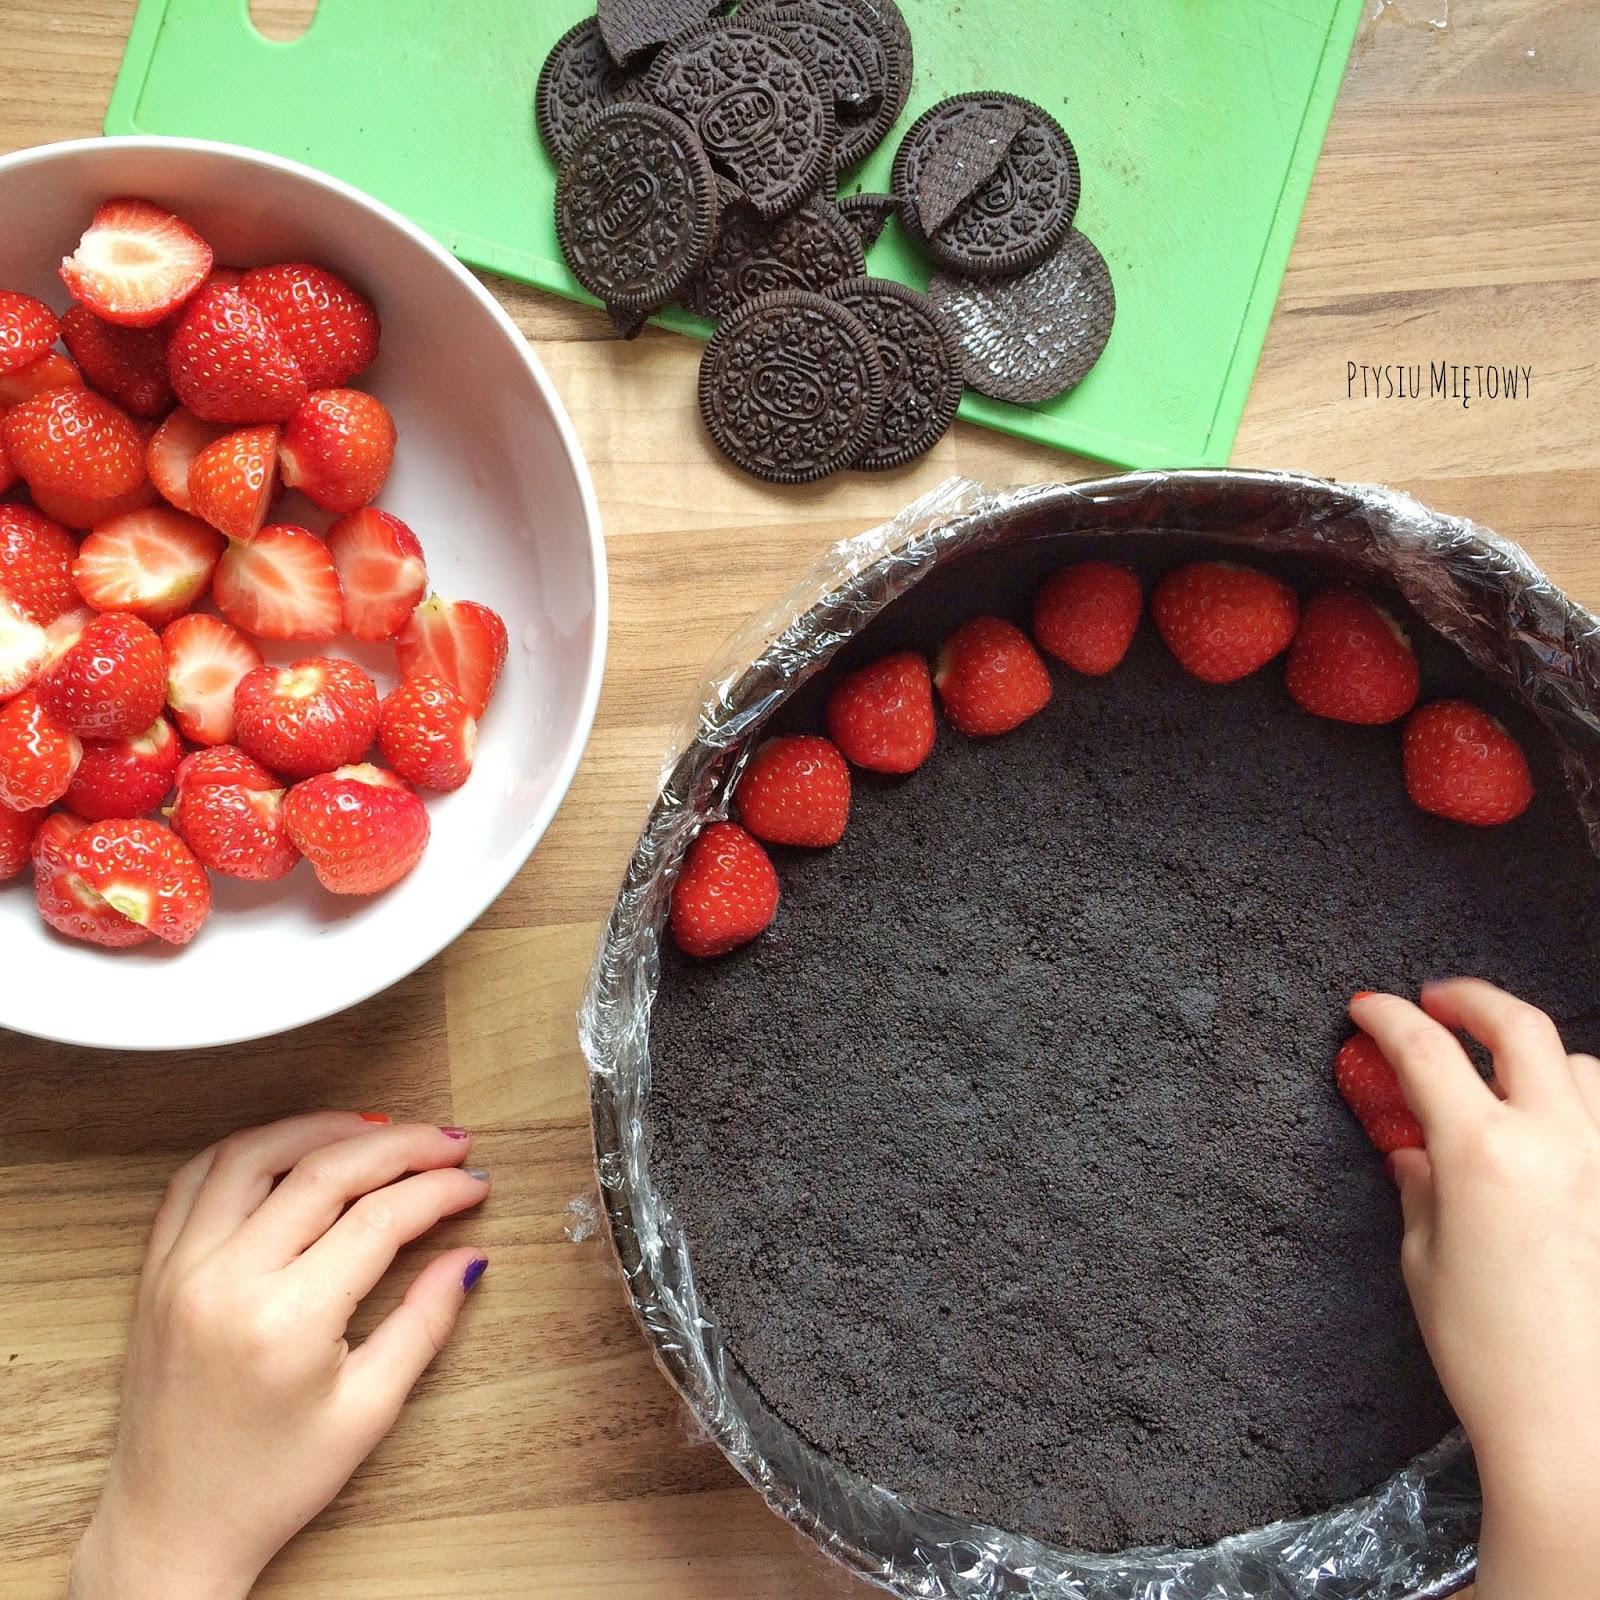 Ptysiu Miętowy truskawki maliny jagody czeresnie oreo tort ciasto biala czekolada